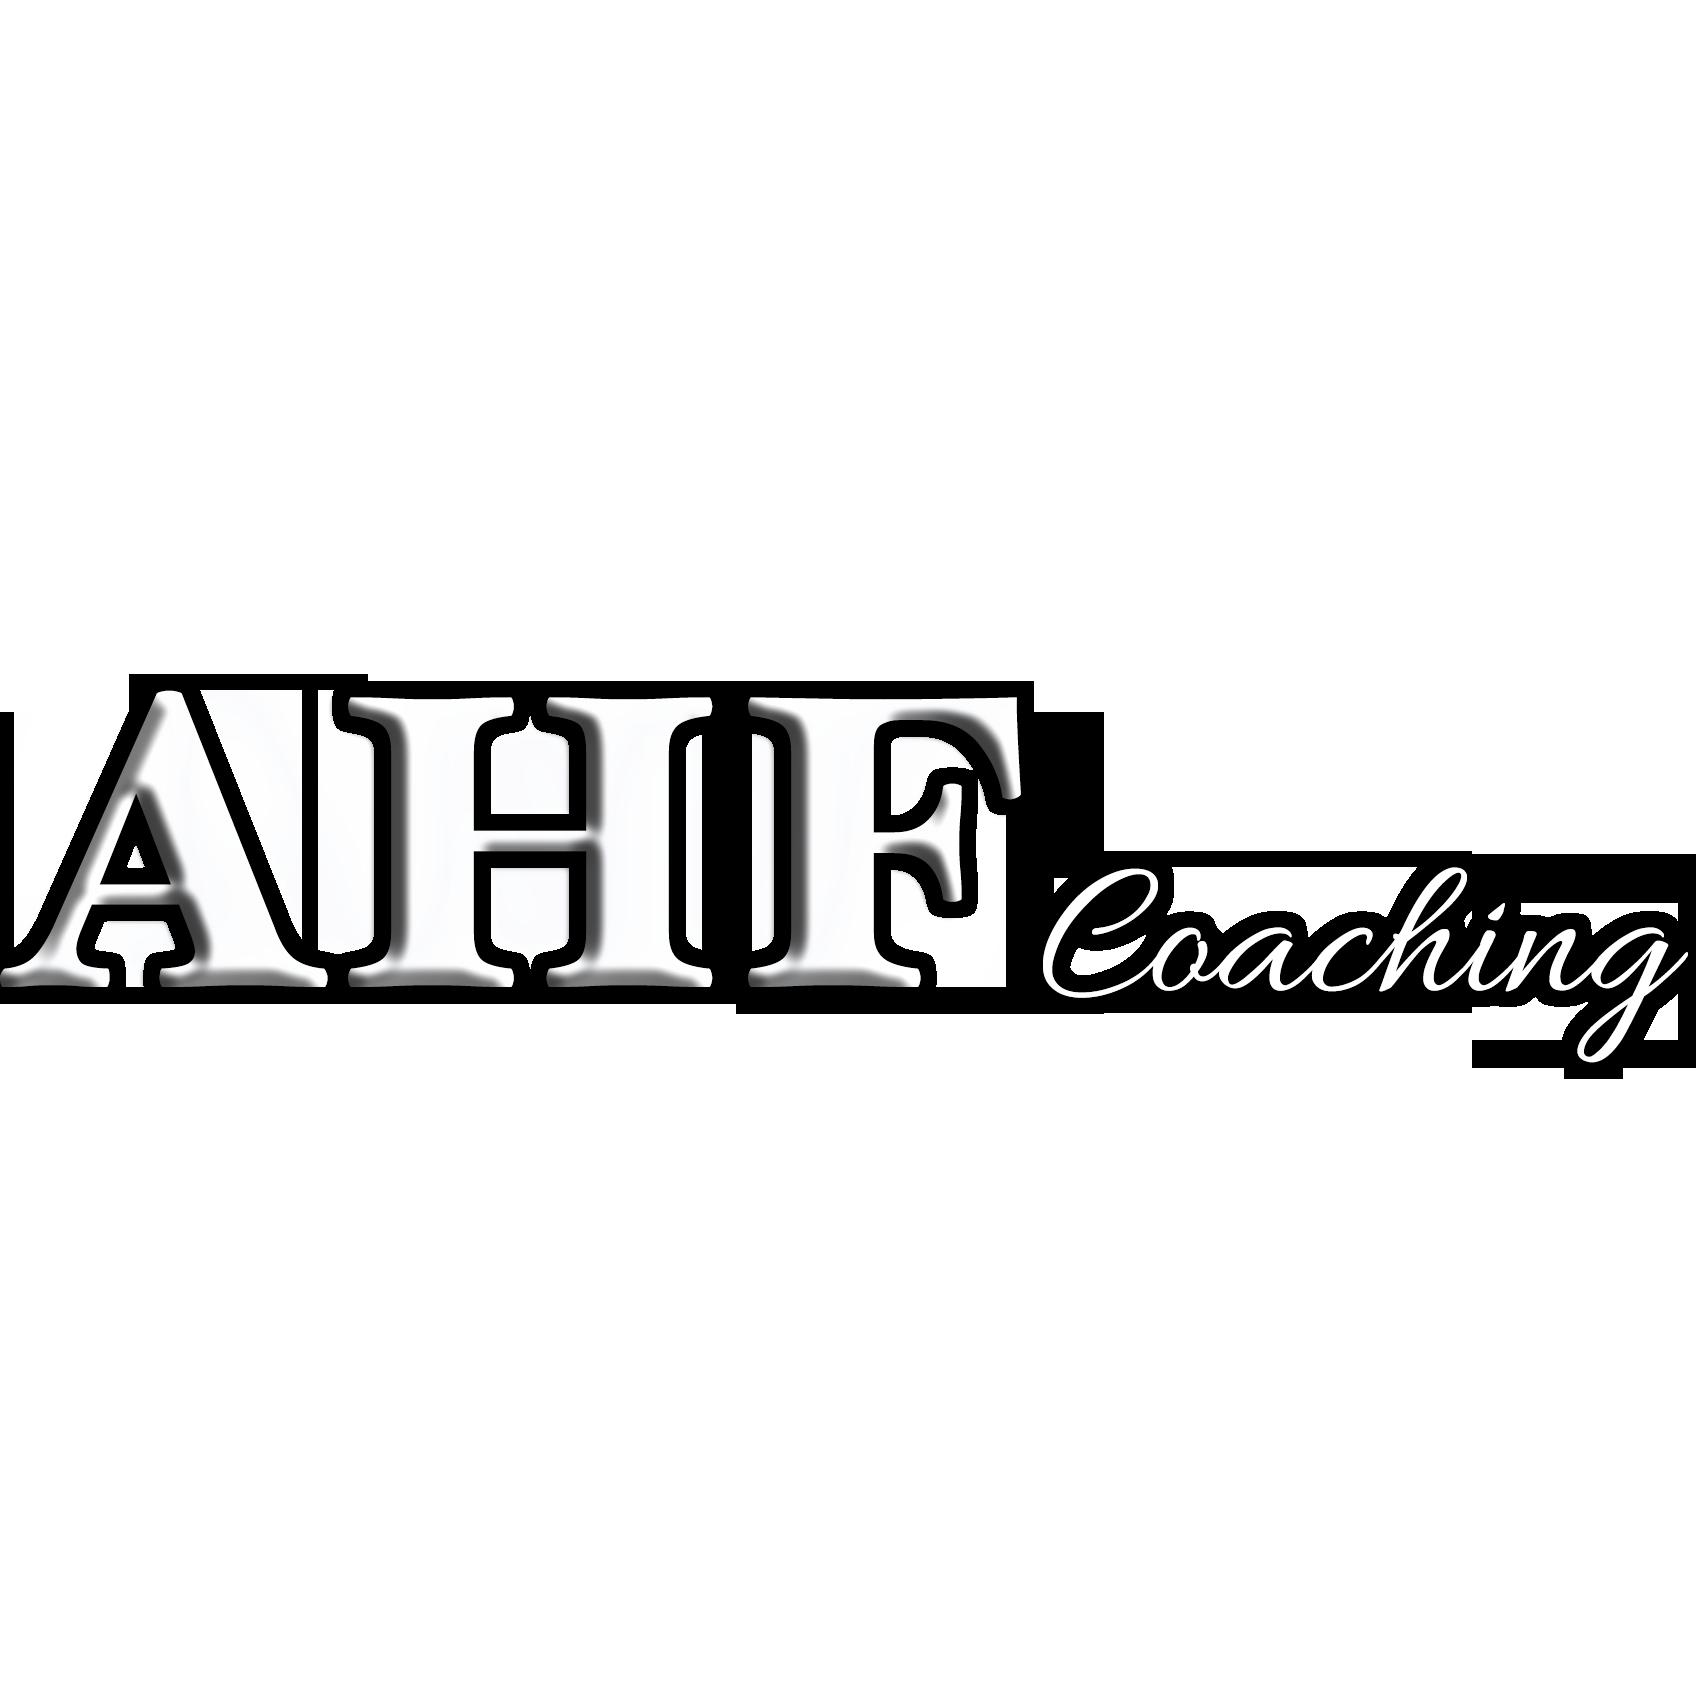 AHF-Coaching